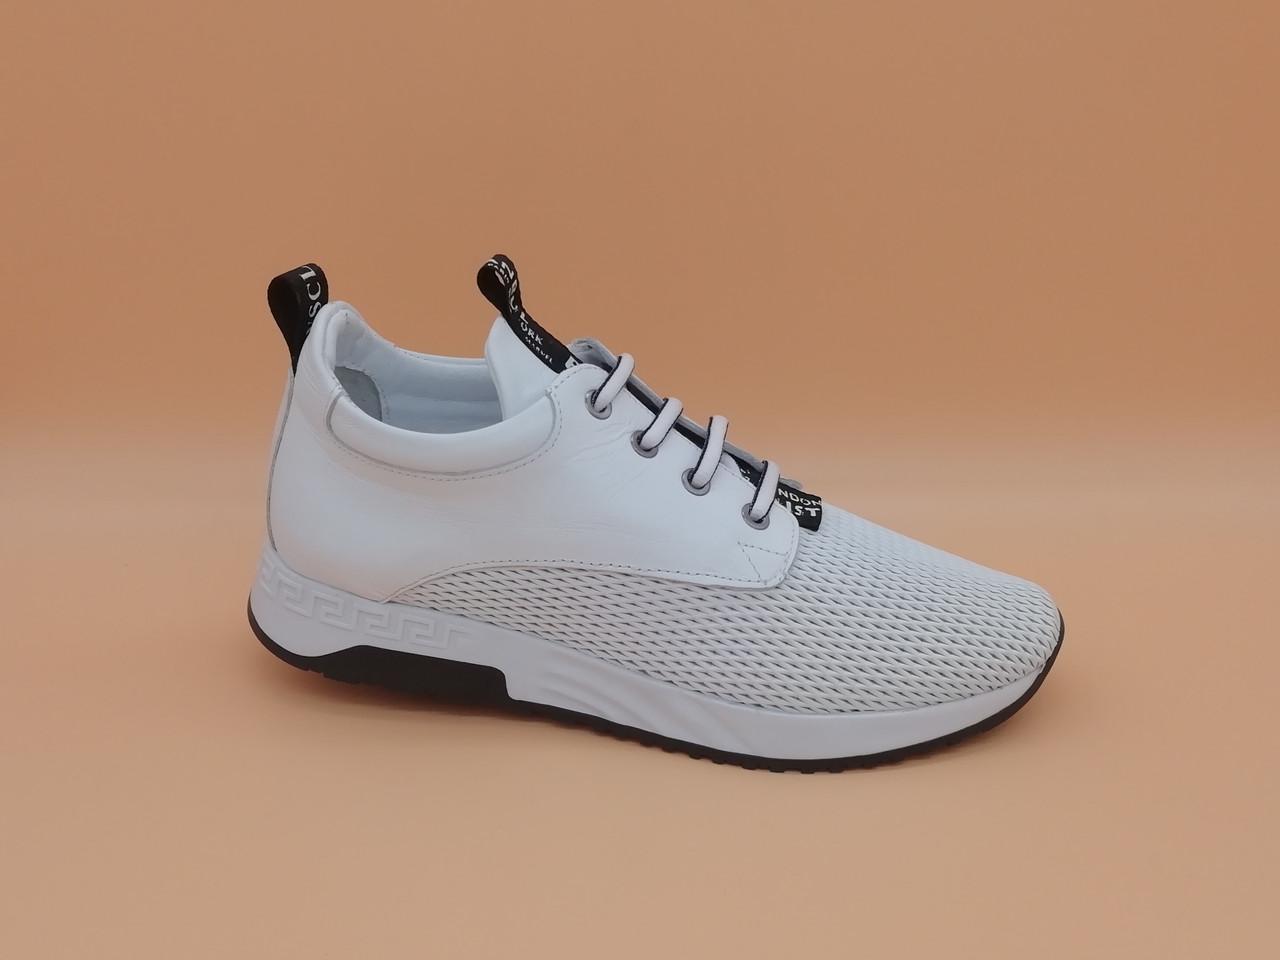 Білі шкіряні кросівки з перфорацією. Туреччина. Великі розміри ( 40 - 42 ).